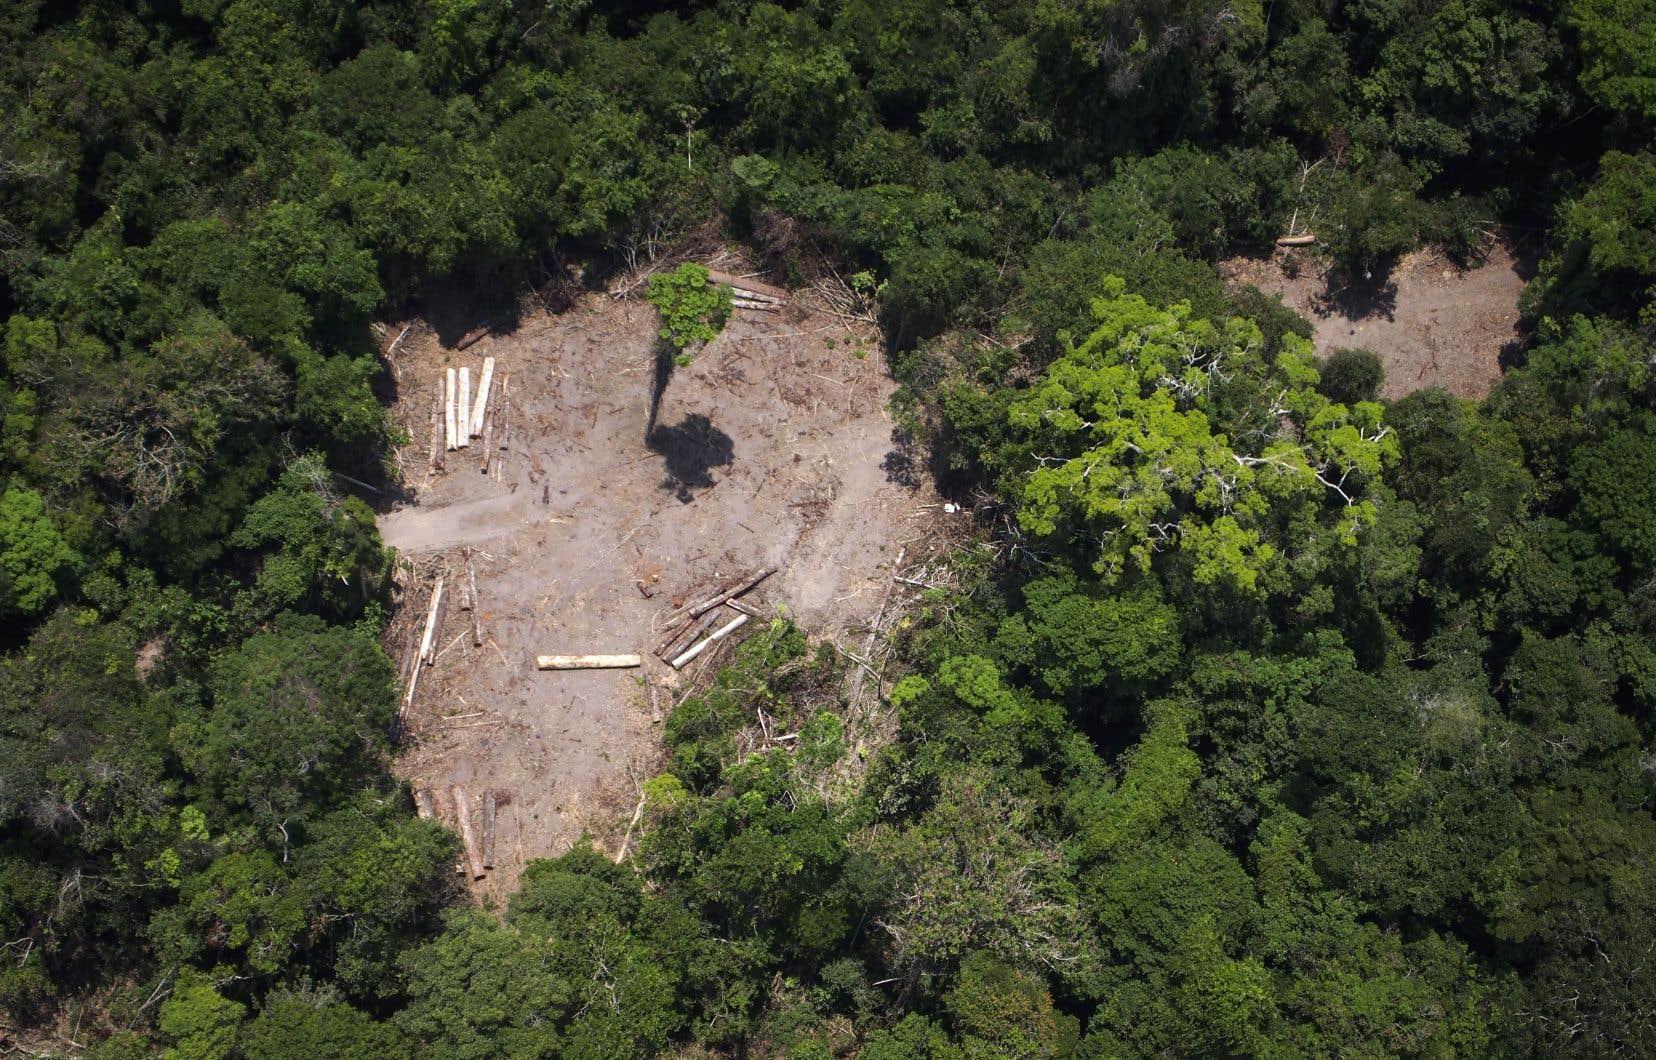 L'arrivée au pouvoir en janvier du président Bolsonaro, climatosceptique notoire, a suscité de nombreuses craintes au sujet de l'avenir de la forêt amazonienne, considérée comme le «poumon de la planète».